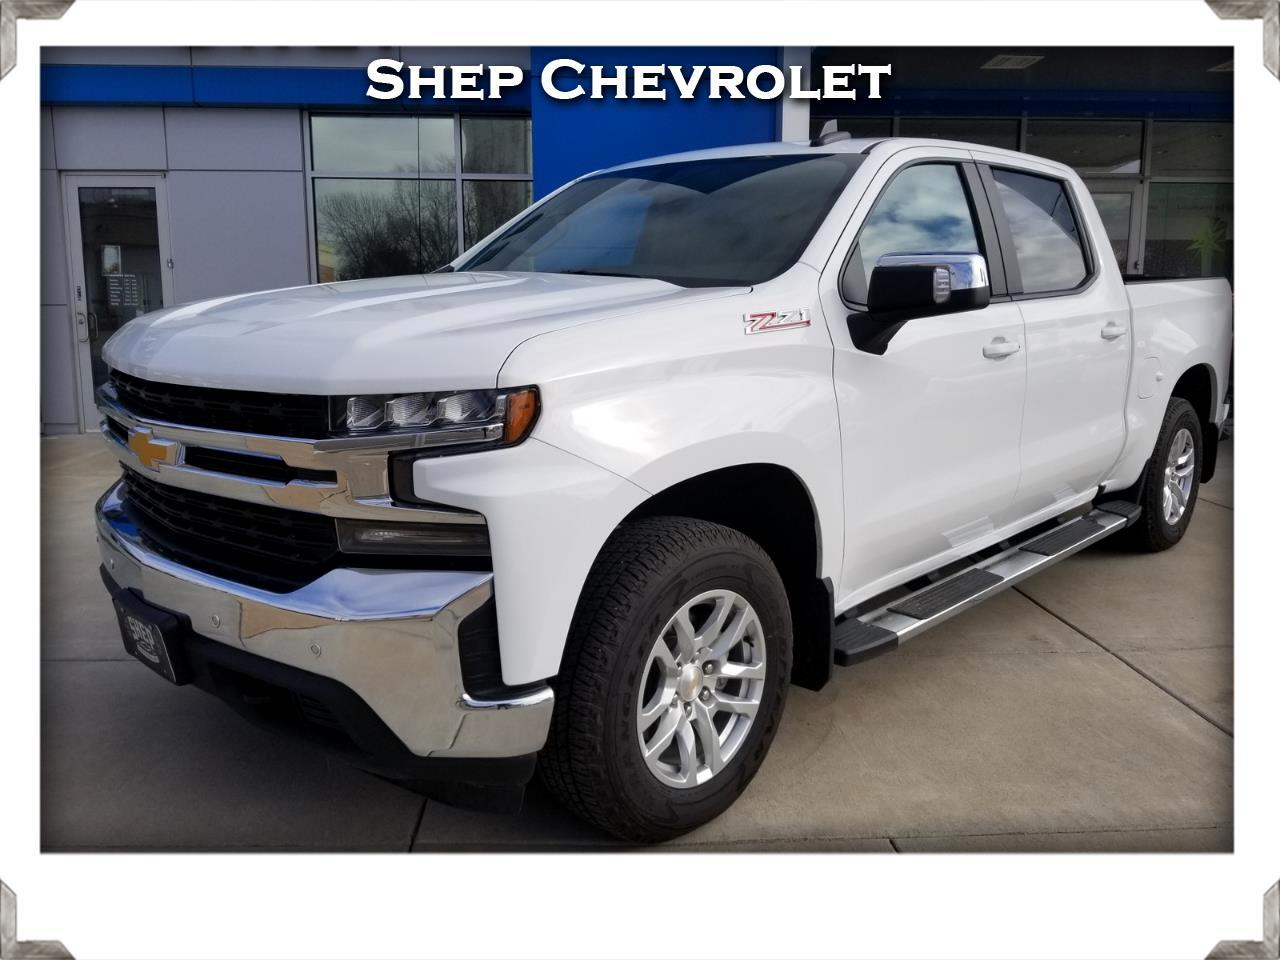 2019 Chevrolet Silverado 1500 1LT Crew Cab 4WD (DEMO)